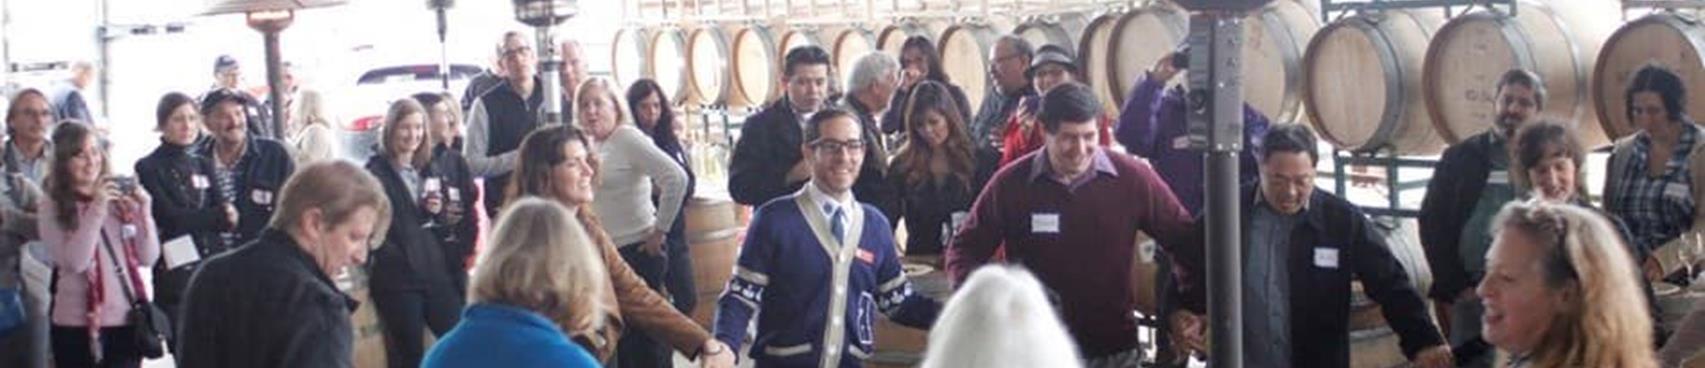 14th Annual Hanukkah Hootenanny at Judd's Hill Winery